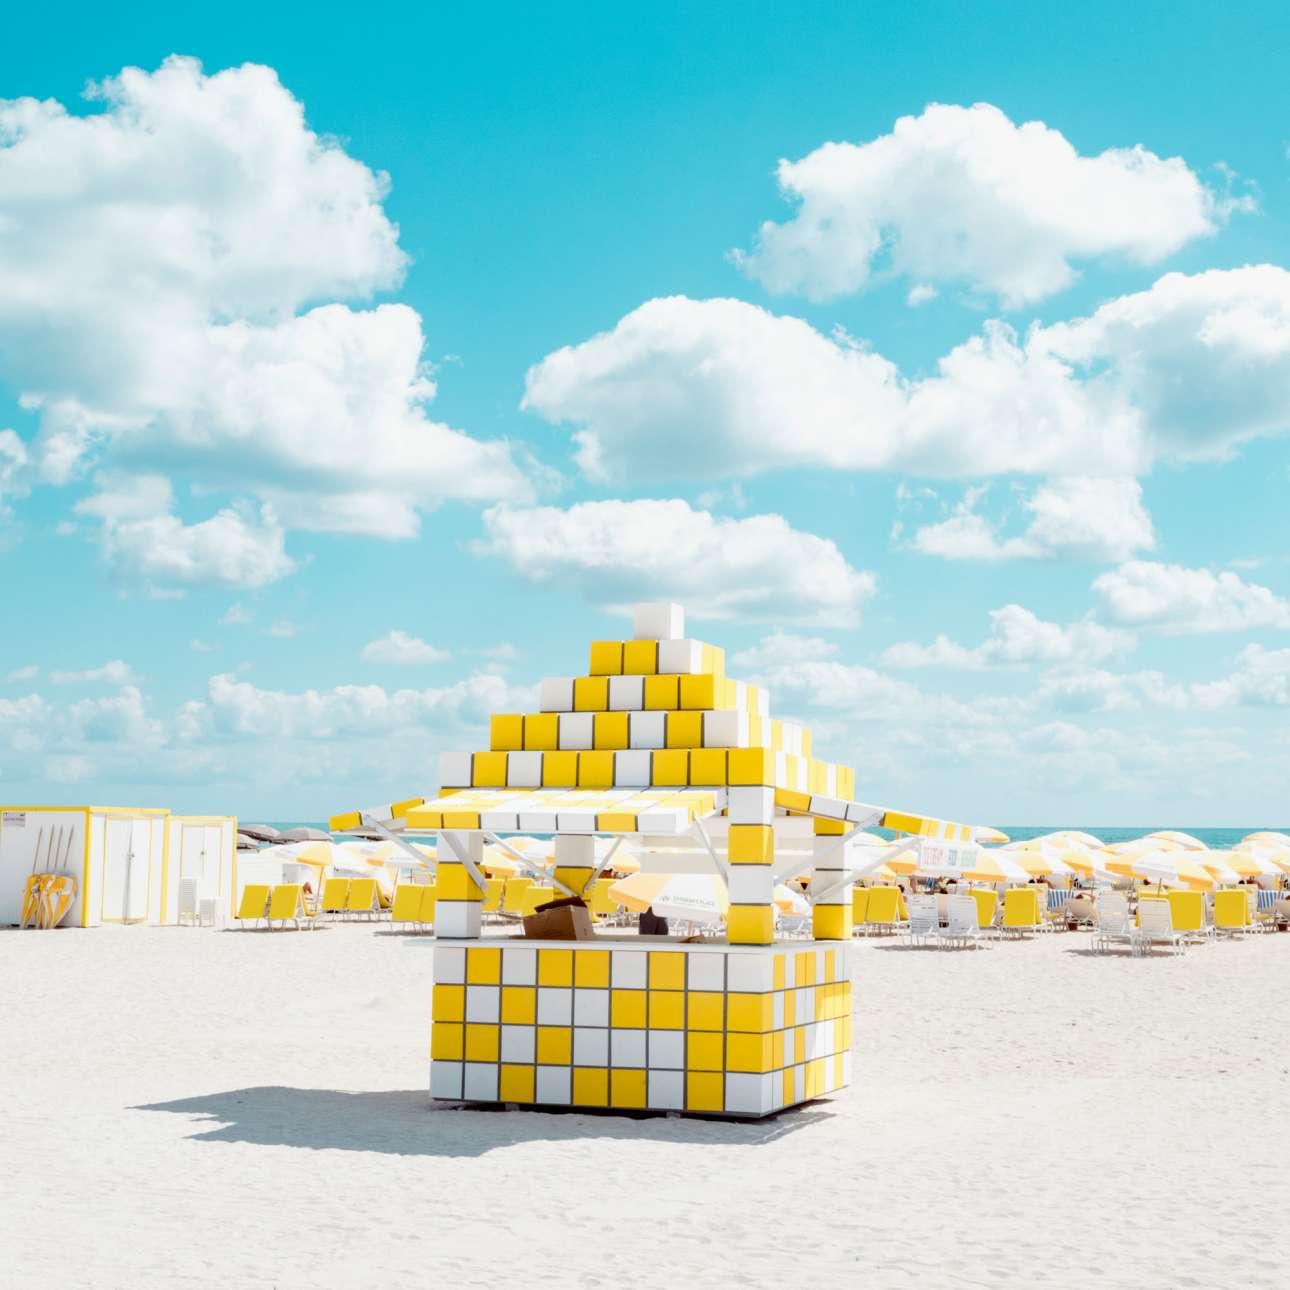 Ο Ντέβιντ Μπεχάρ εστιάζει στις καμπάνες στην παραλία του Μαϊάμι που μαζί με τις στολές των εργαζόμενων και τις ομπρέλες «δημιουργούν μία μικρή κοινότητα ταιριαστών χρωματικών αποχρώσεων»